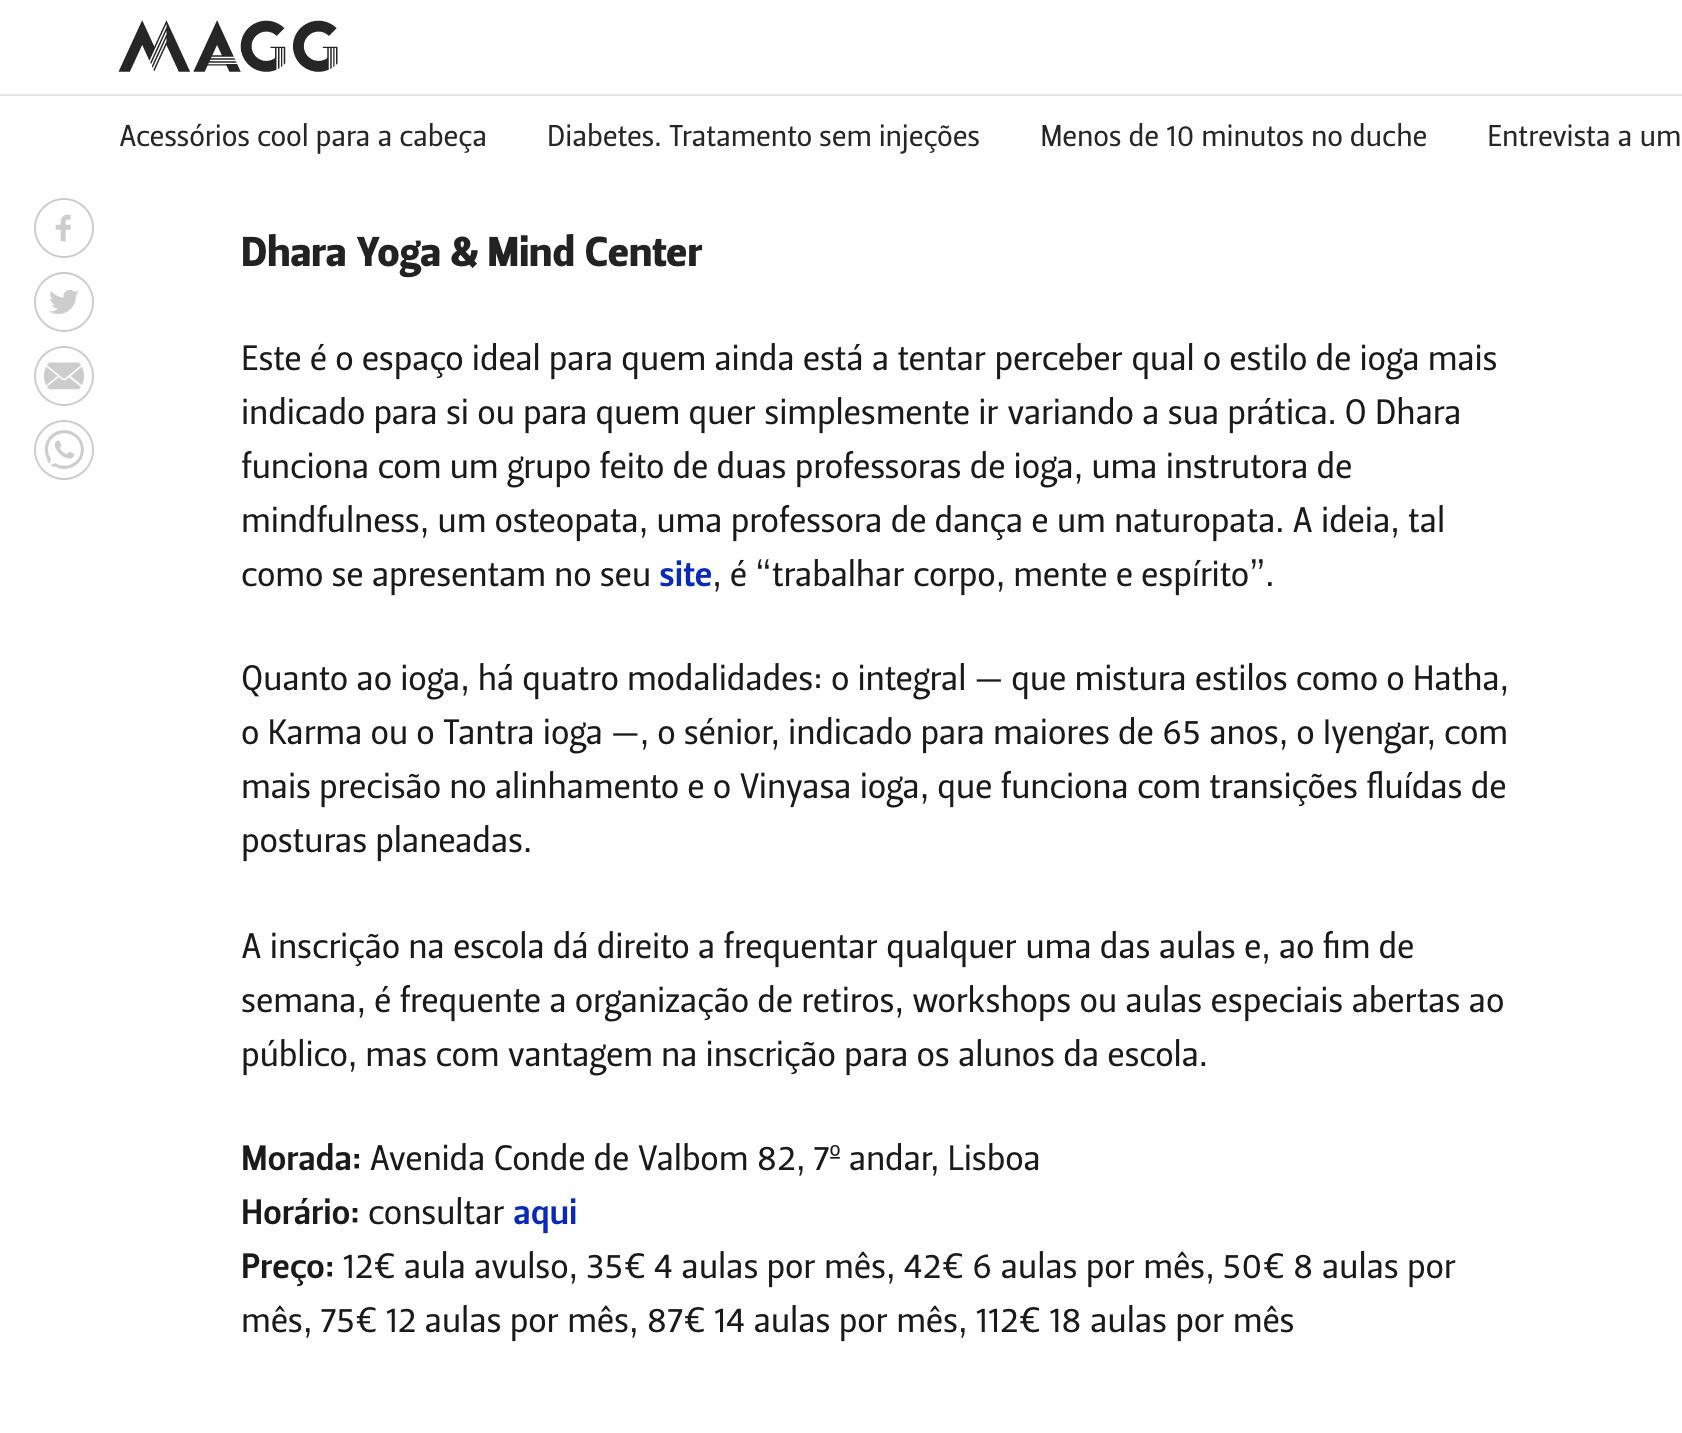 MAGG | OUTUBRO 2018   Há cada vez mais sítios para praticar ioga. Veja onde